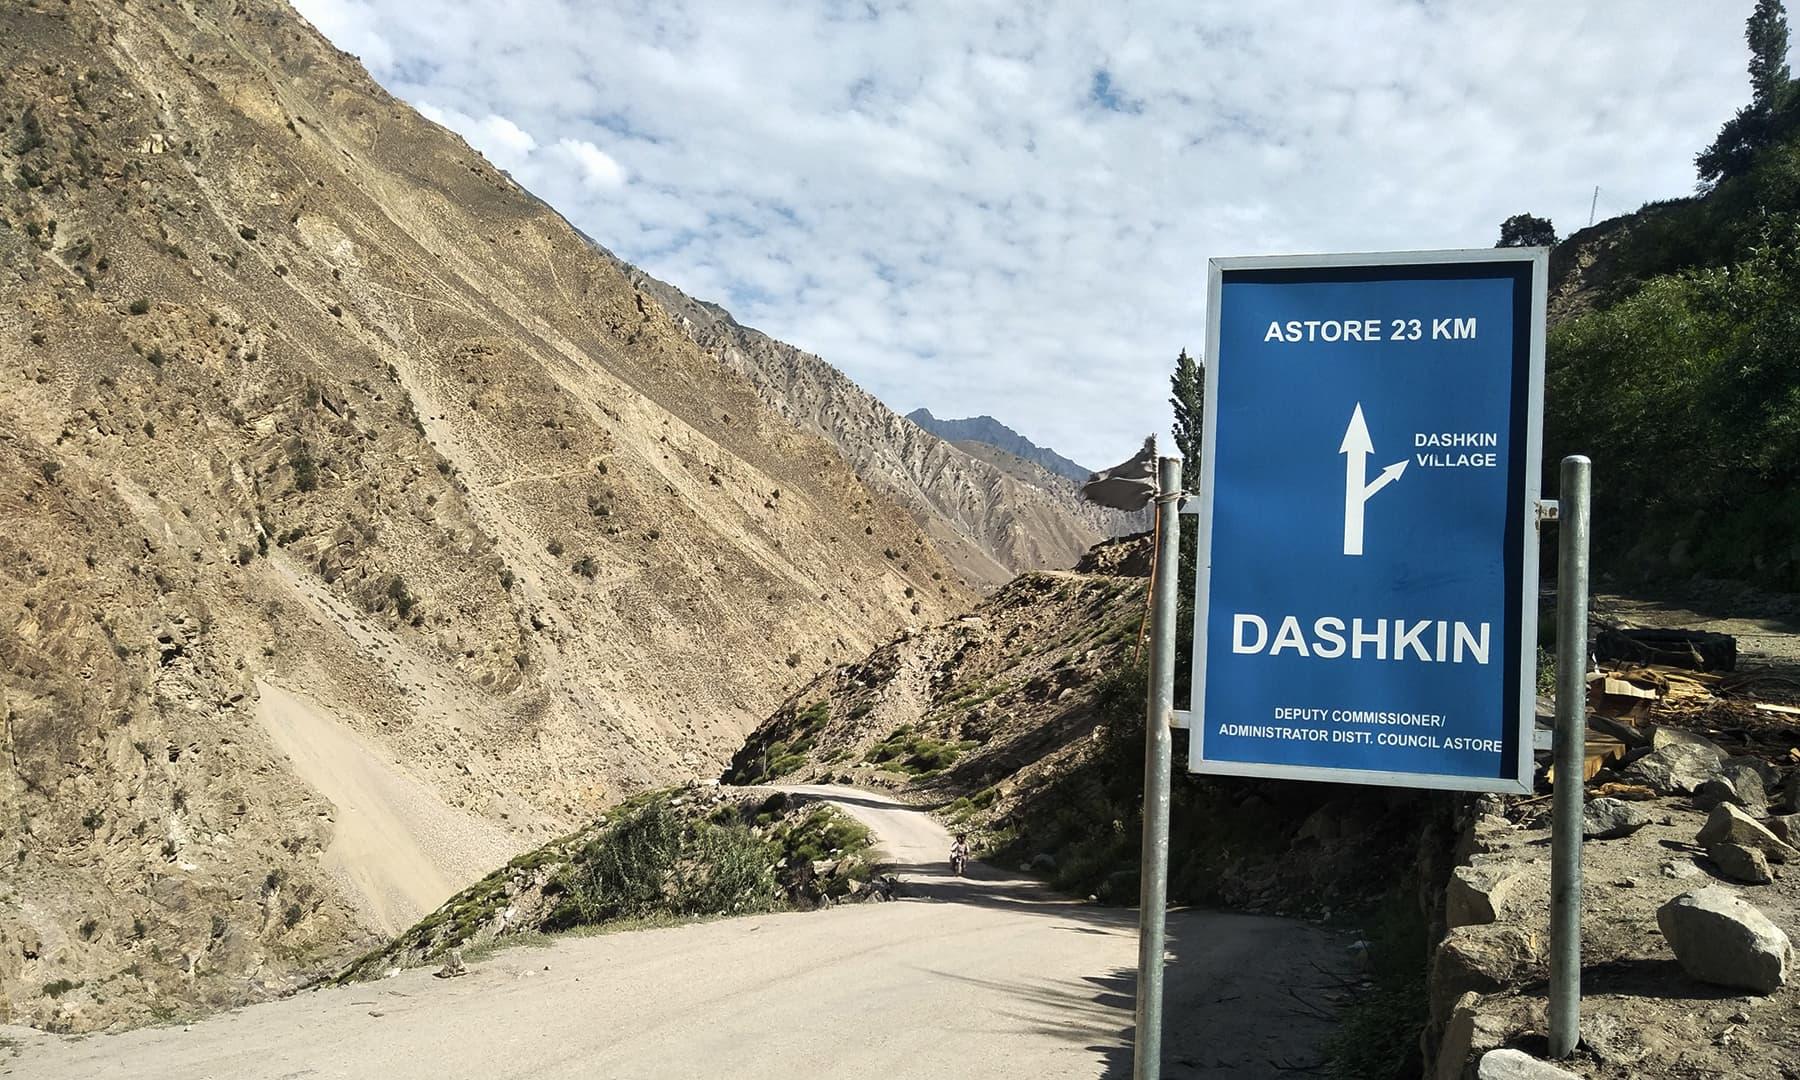 ڈاشکن کا وہ مقام جہاں پر موجود چشمہ ہوٹل سیاحوں کو طعام کی سہولت فراہم کرتا ہے۔ استور کا سفر یہاں سے 23 کلومیٹر کے فاصلے پر ہے—تصویر عظمت اکبر